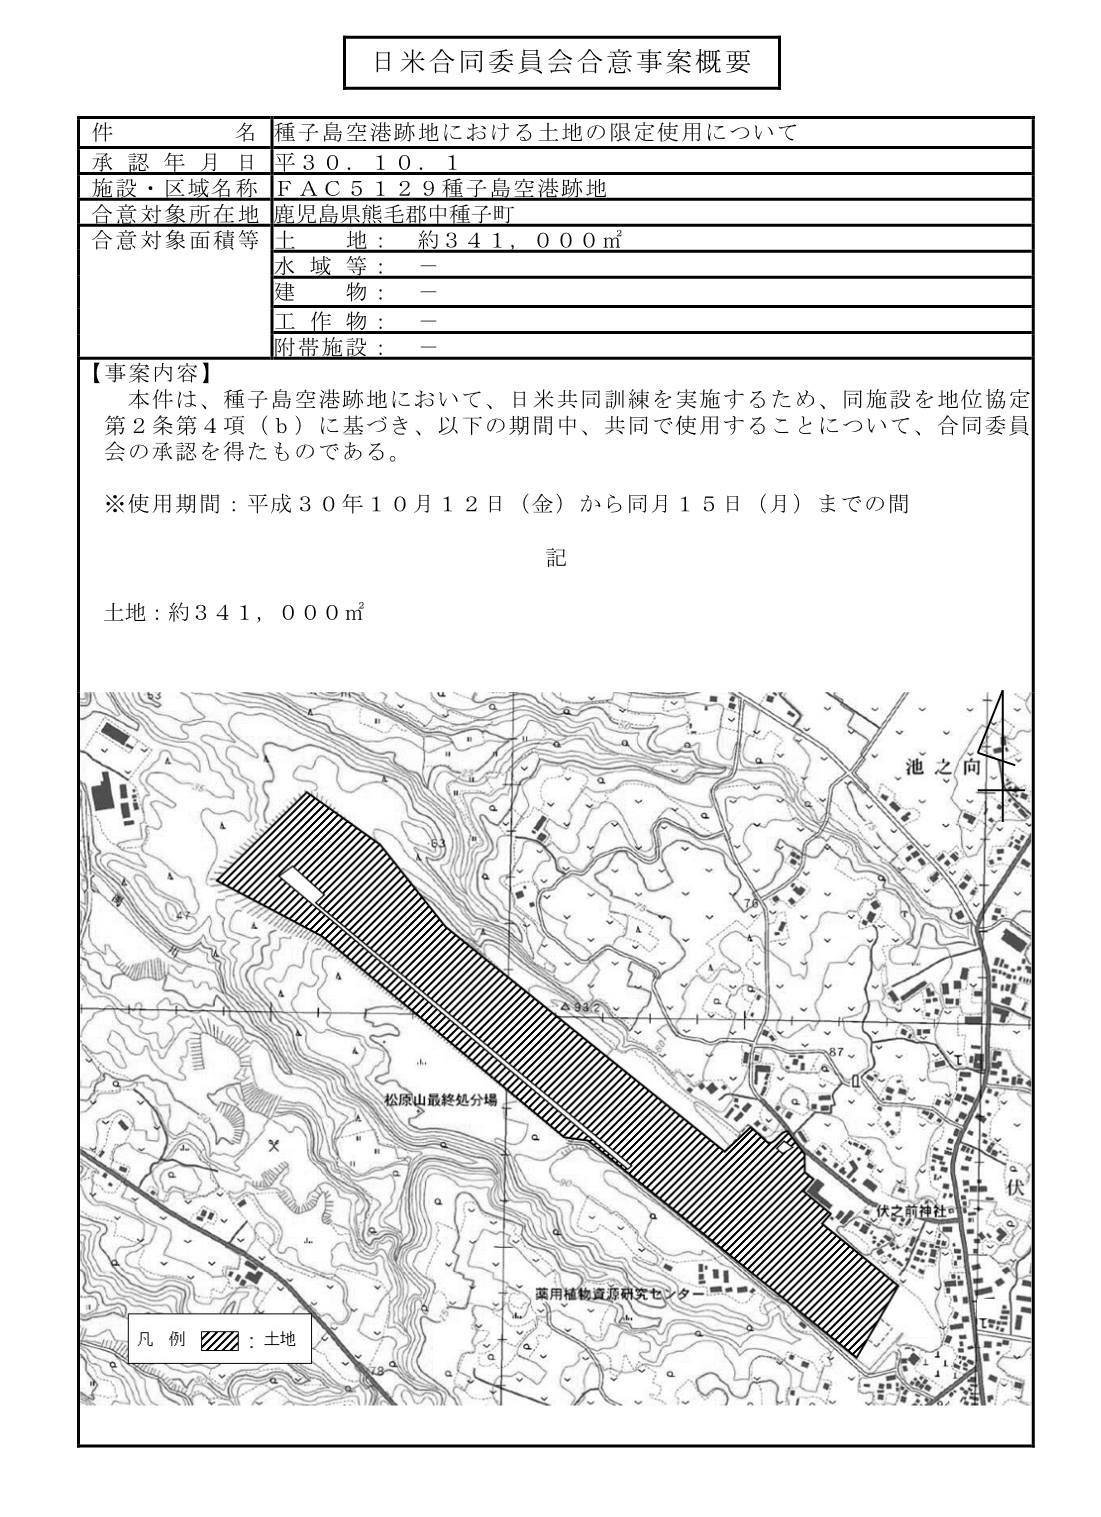 日米合同委員会合意事案2018 1001